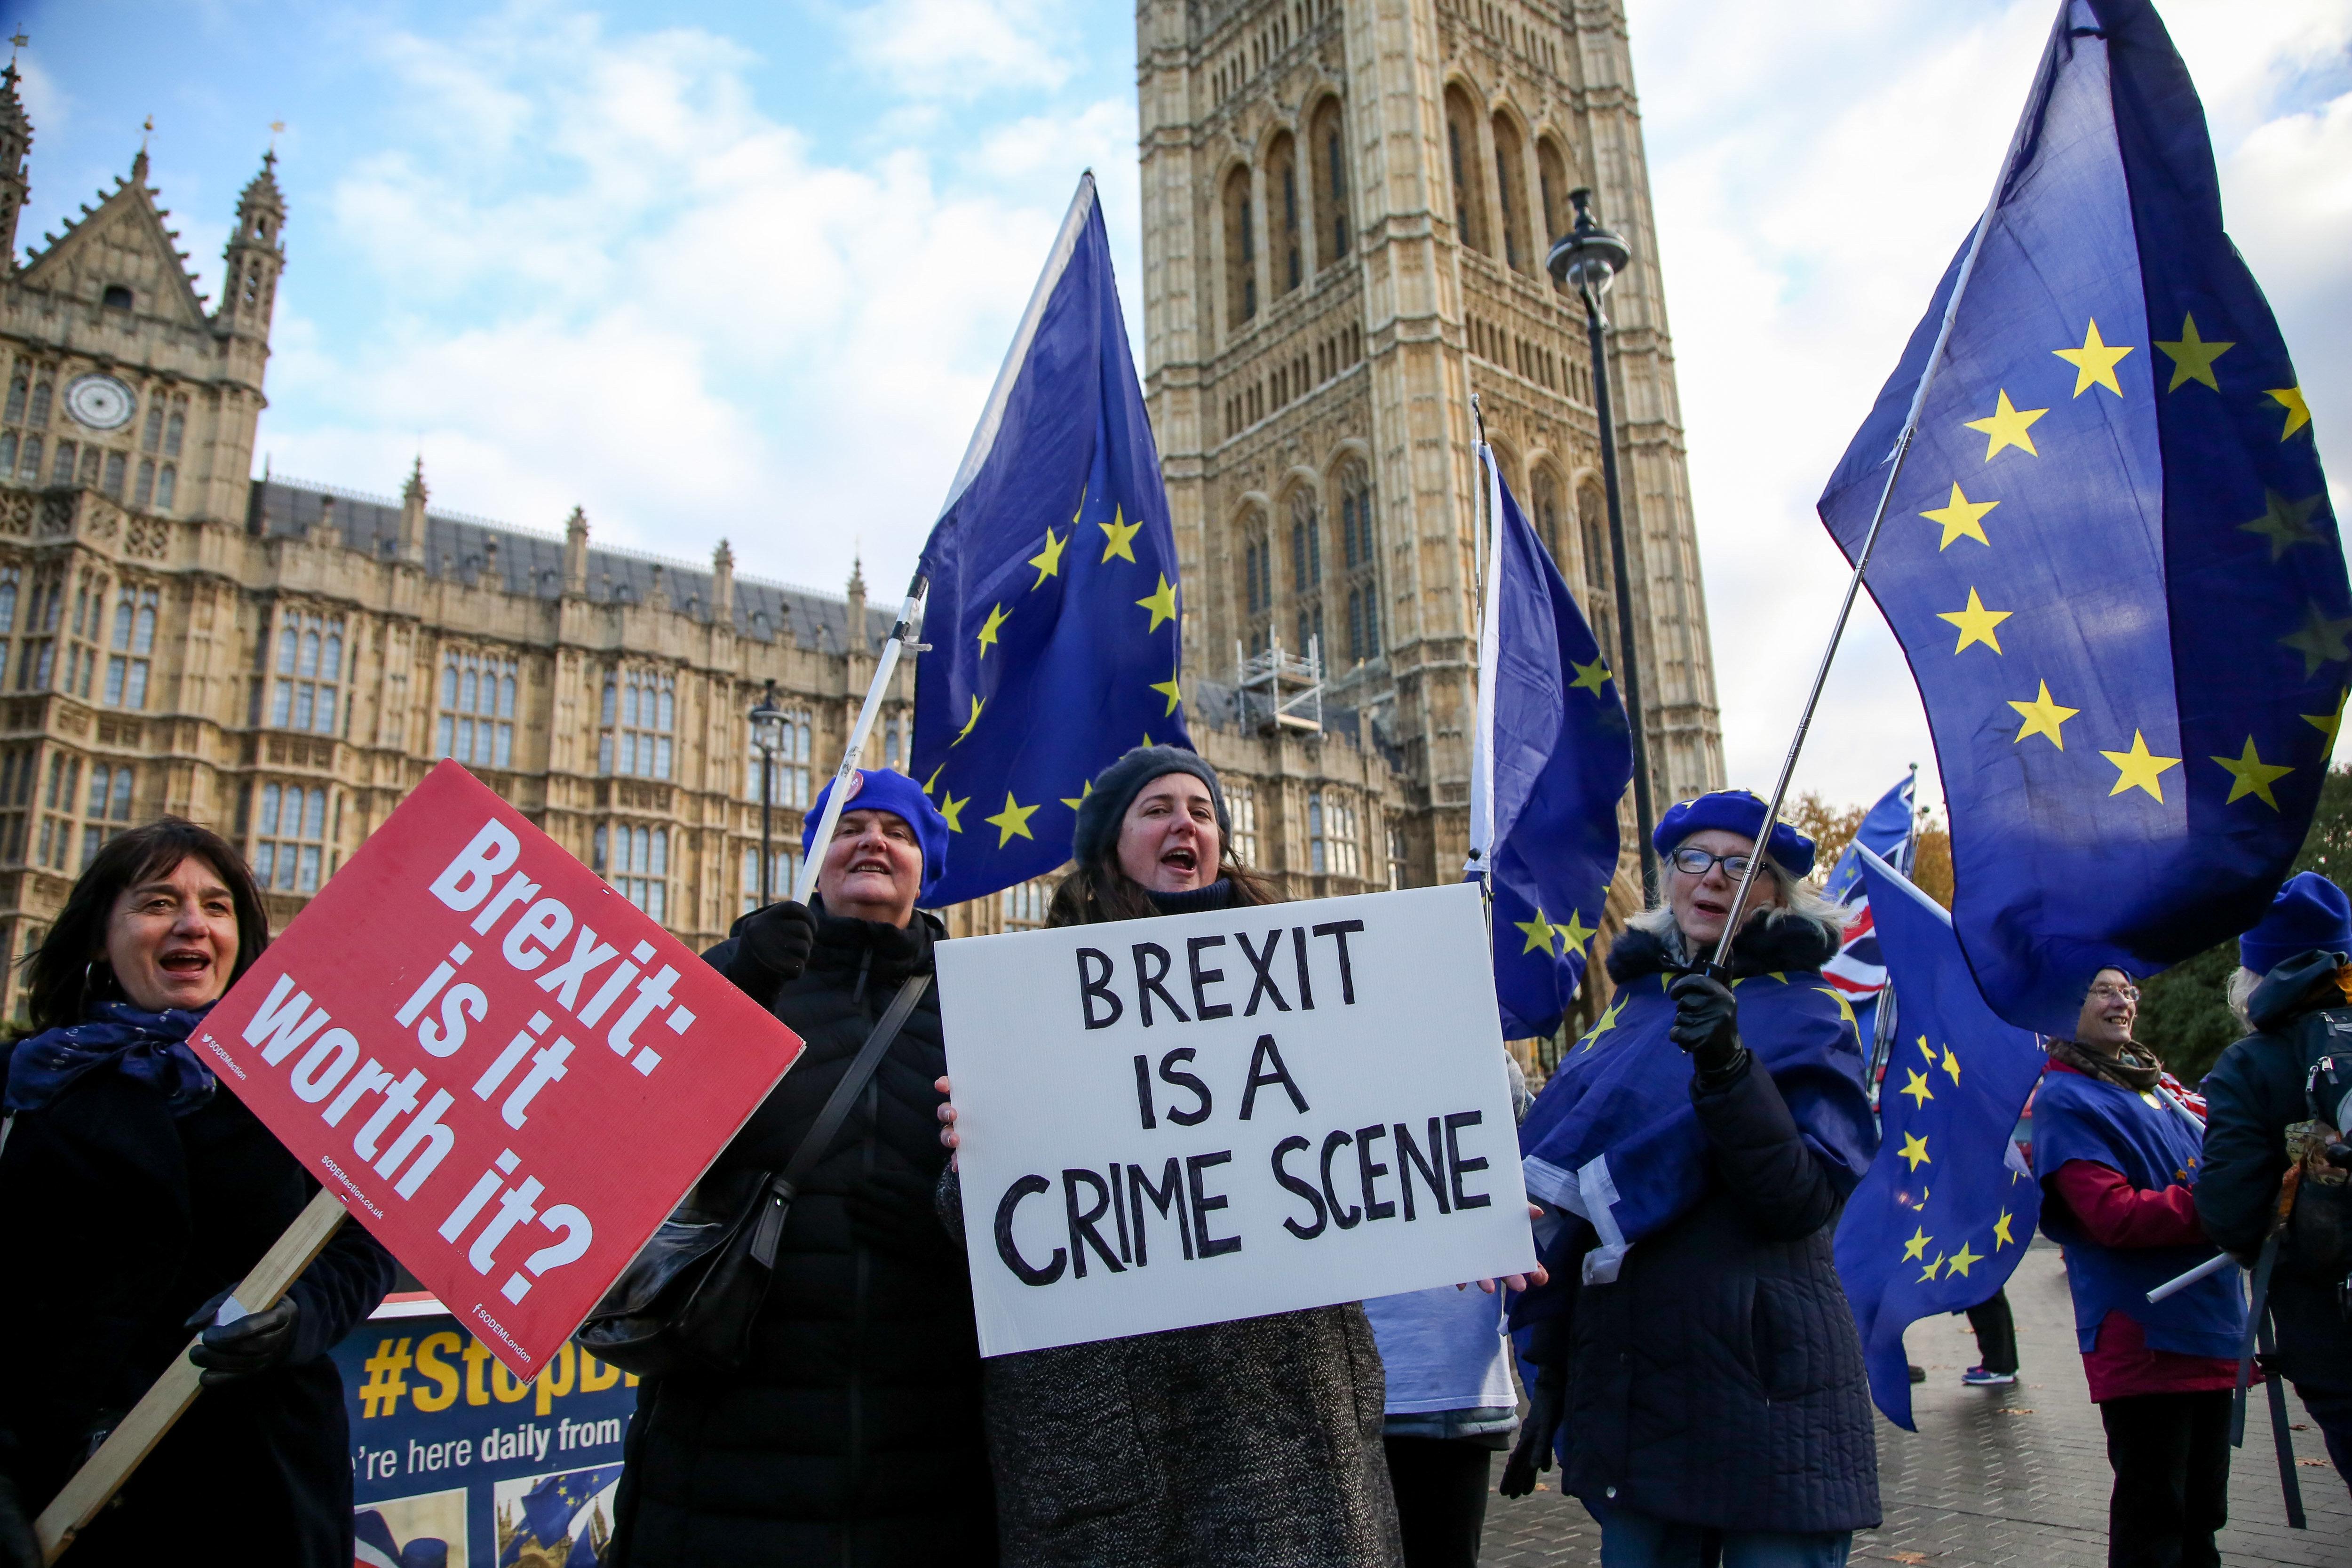 '브렉시트 번복 가능성' 재판 중단하라는 영국 정부 요청이